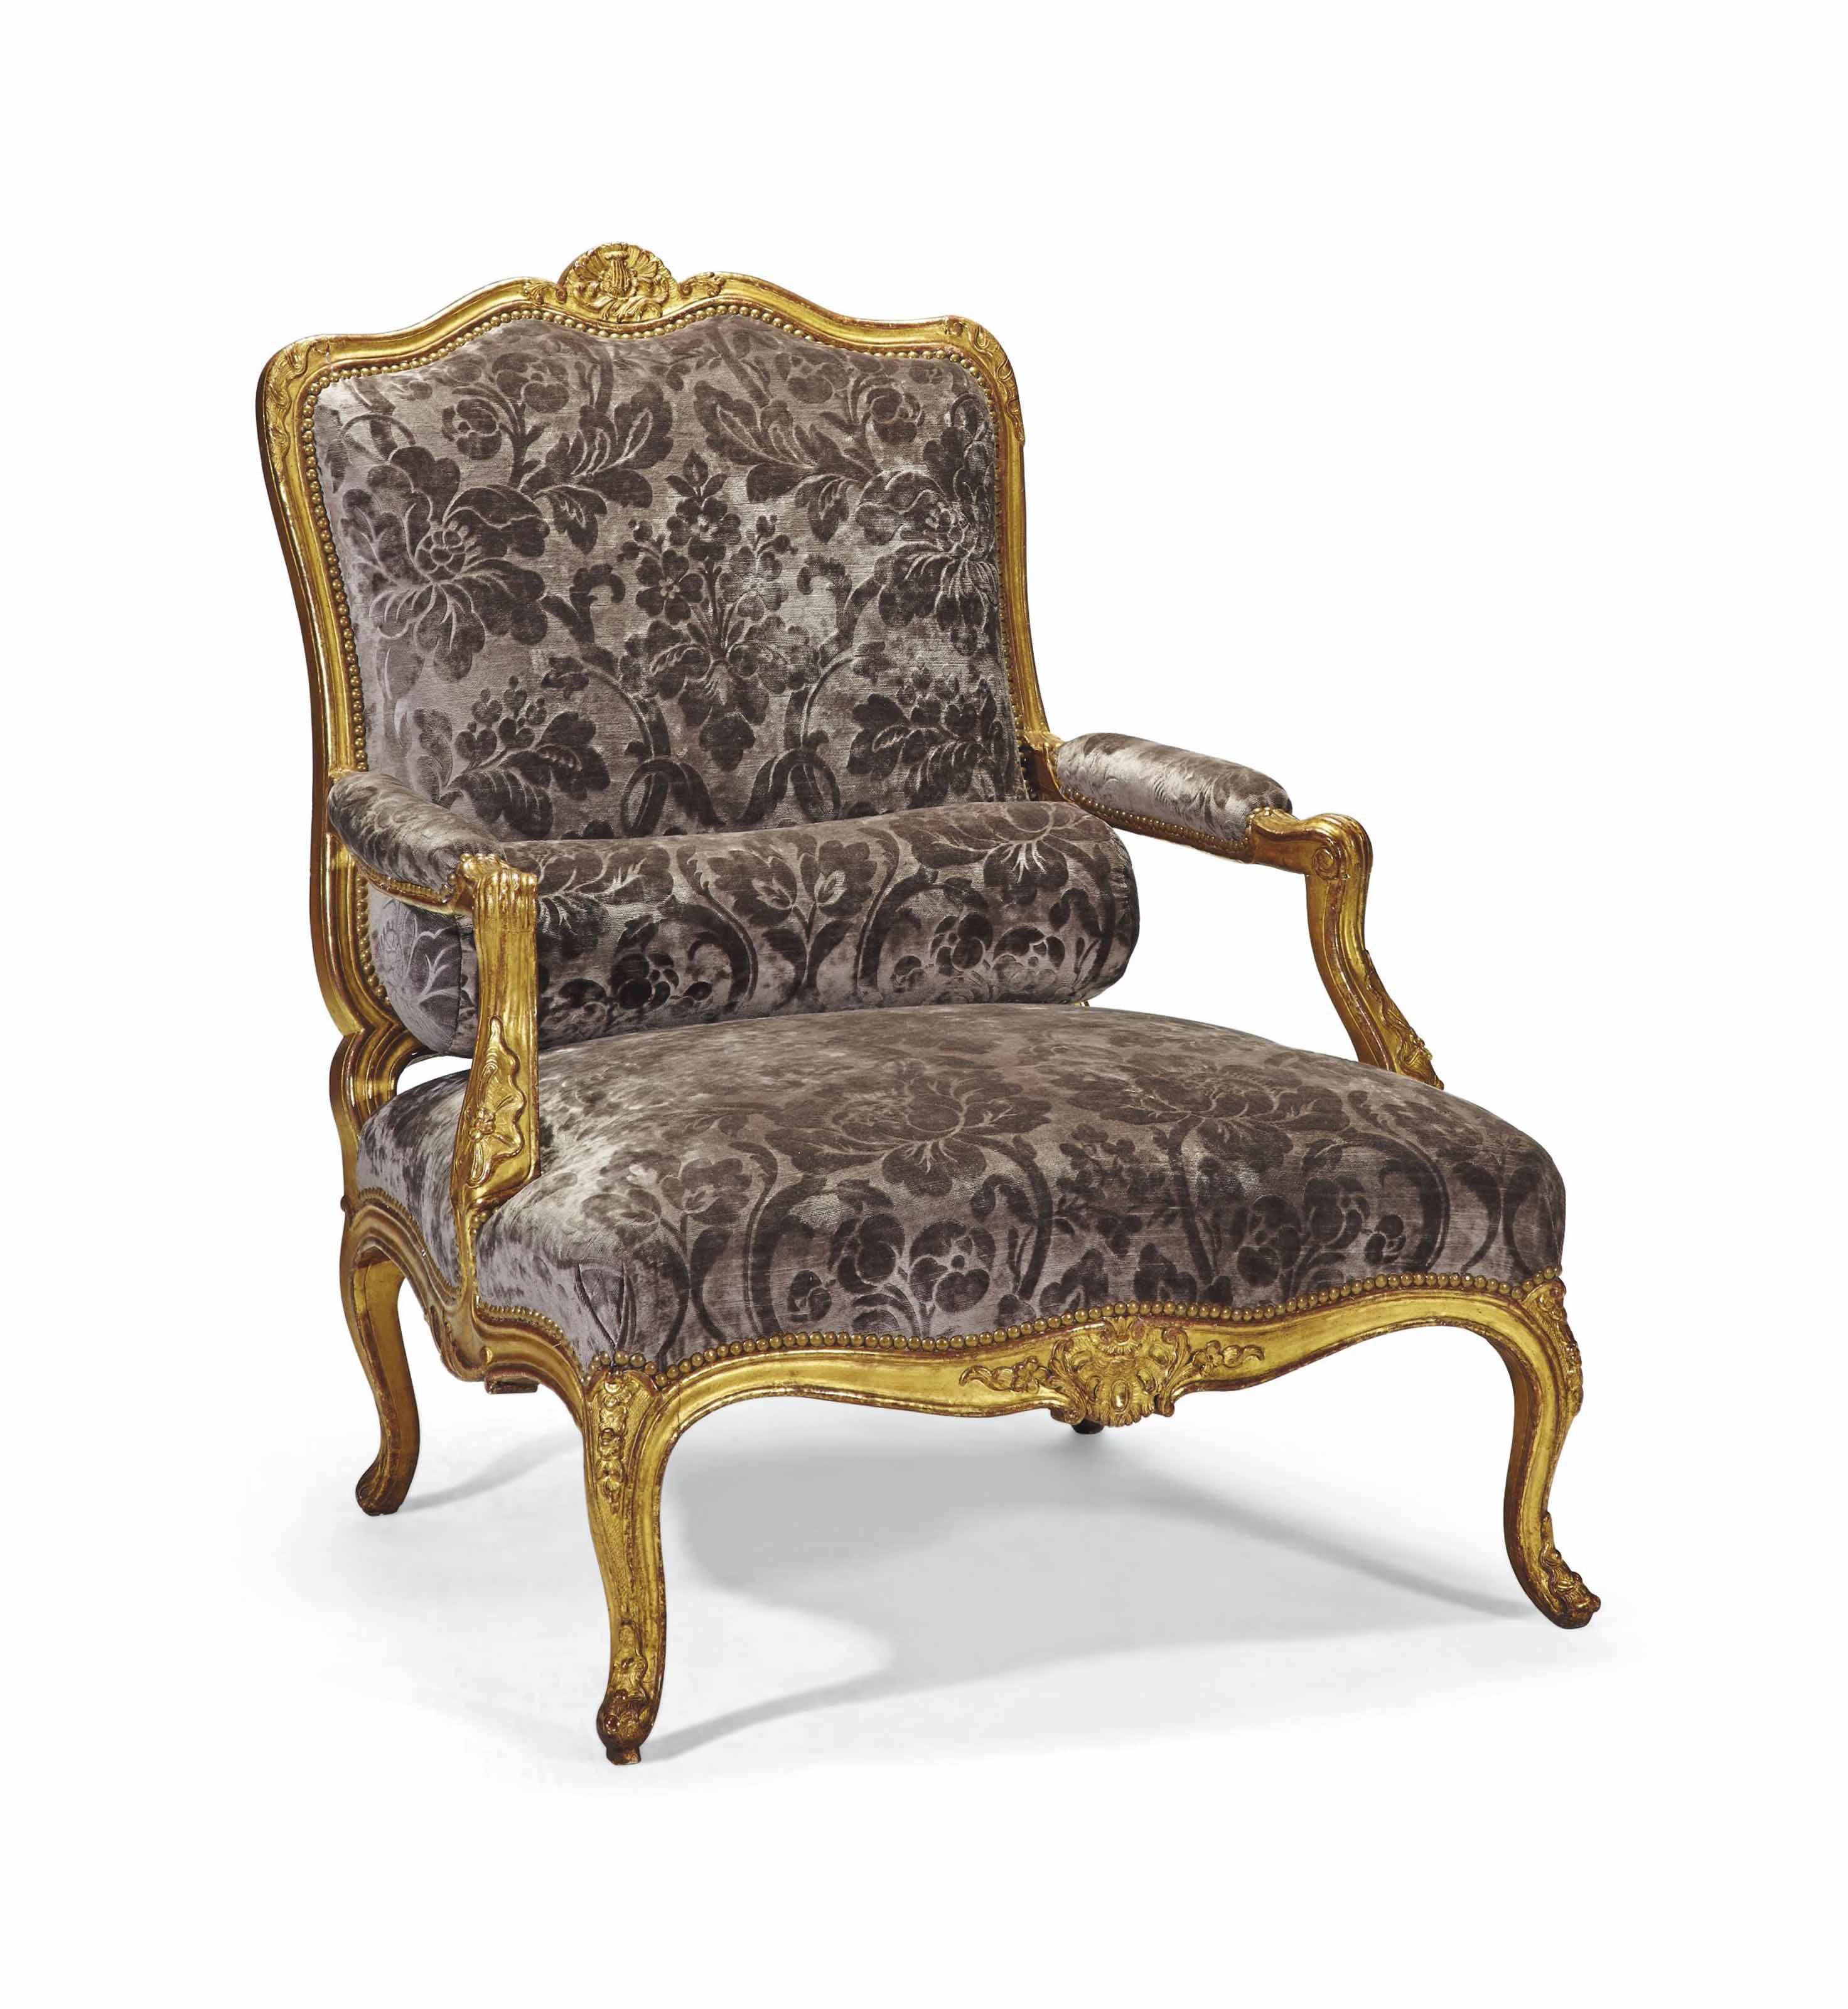 large fauteuil coin de feu du debut de l 39 epoque louis xv attribue a cresson l 39 aine milieu. Black Bedroom Furniture Sets. Home Design Ideas